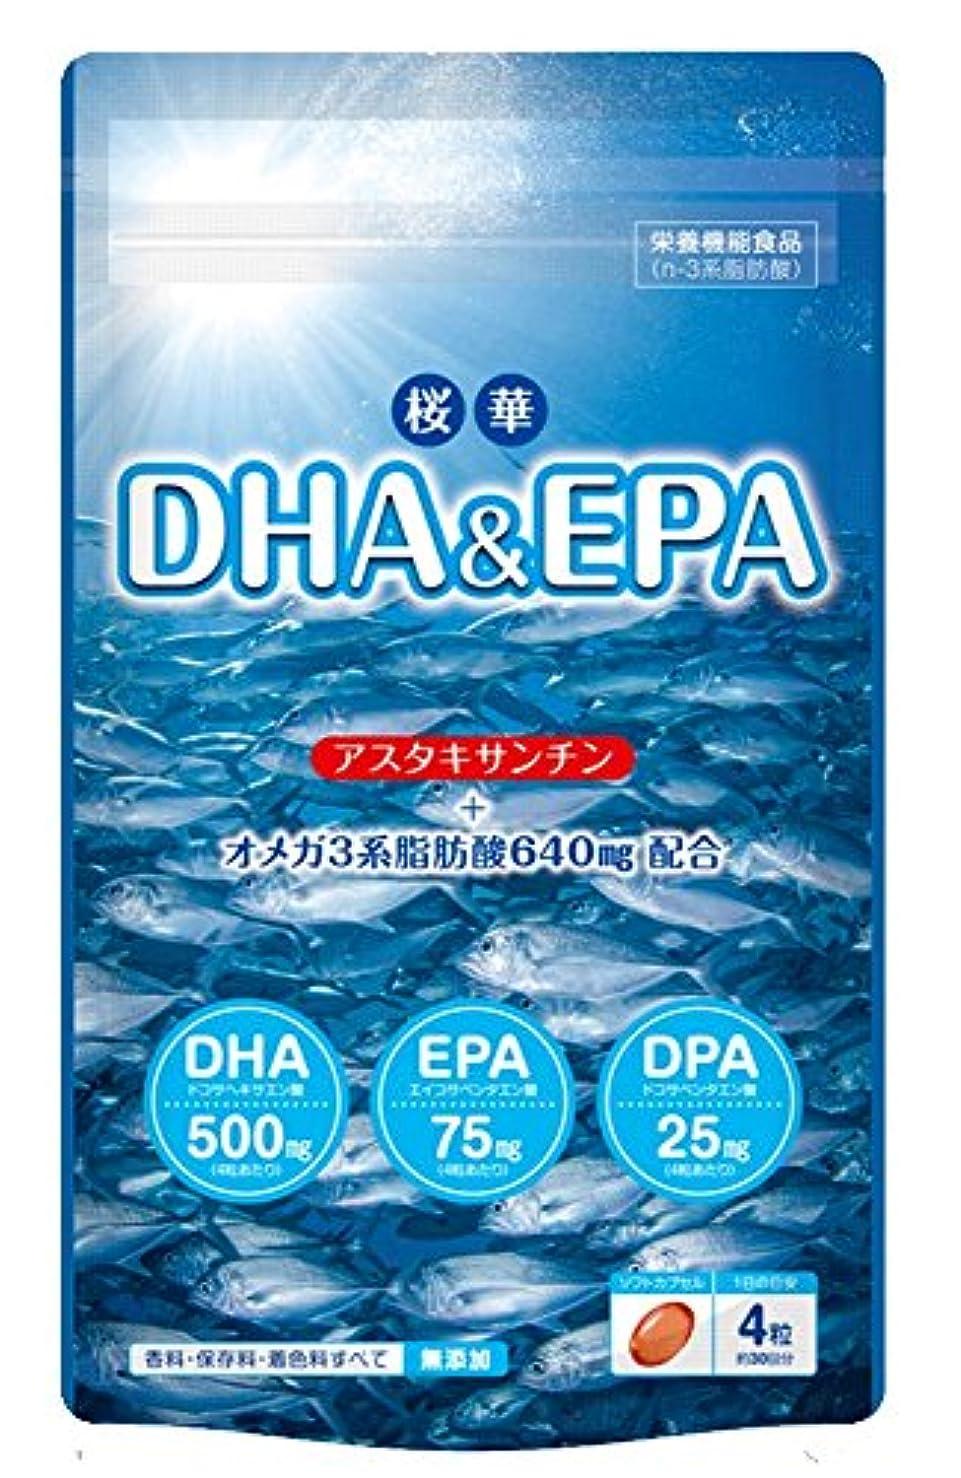 勝利したランドリー近代化するDHA&EPA(栄養機能食品)オメガ3系脂肪酸640mg配合+アスタキサンチン 香料?保存料?着色料すべて無添加 (120粒入り)送料無料